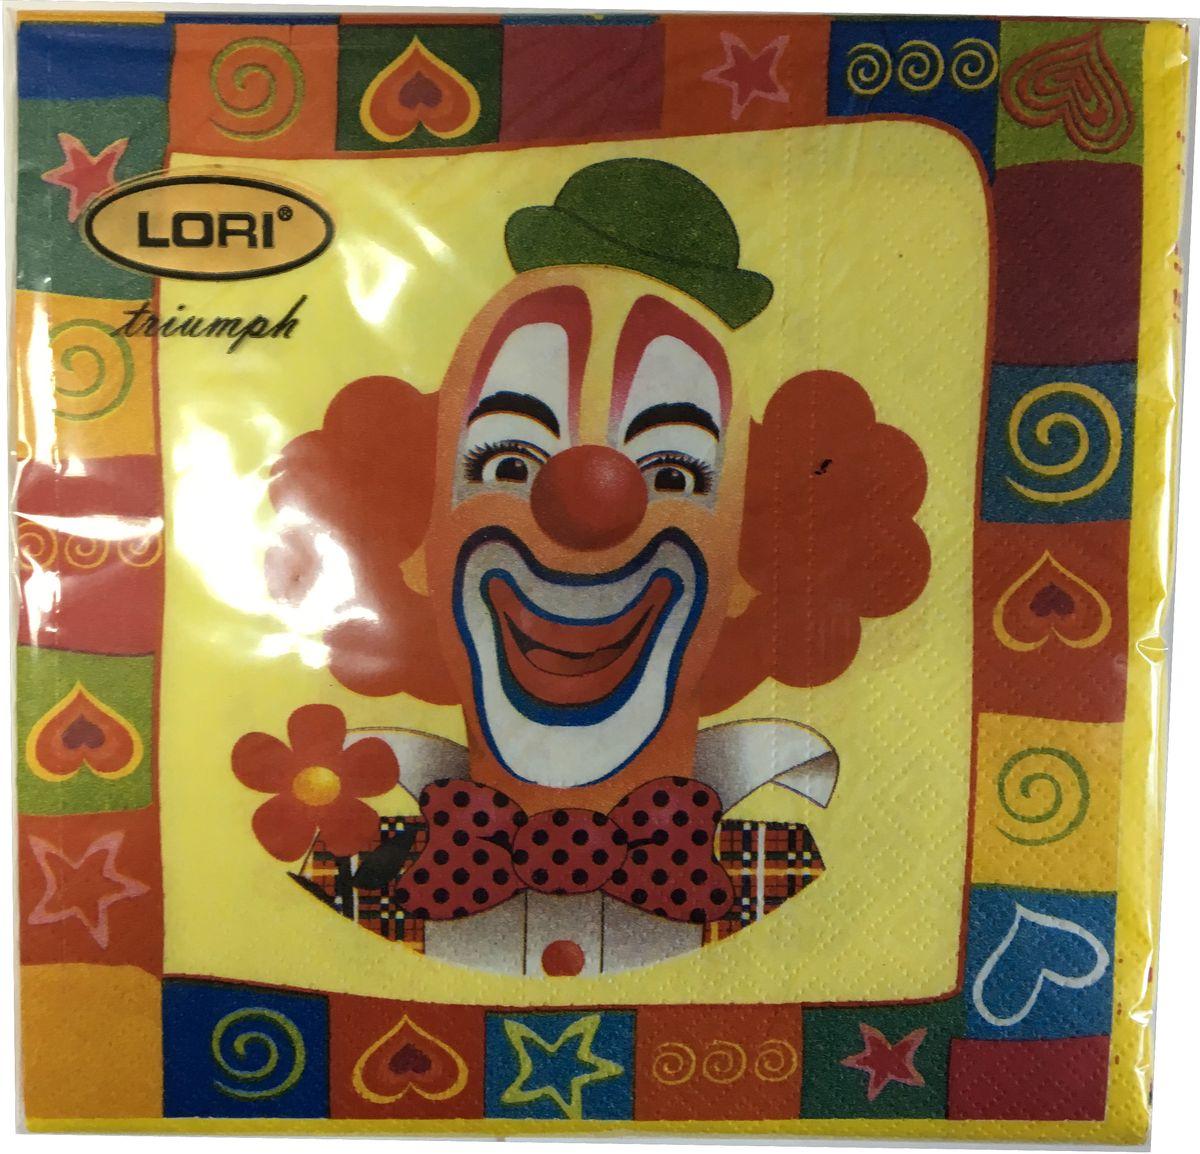 Салфетки бумажные Lori Triumph, трехслойные, цвет: мультиколор, 33 х 33 см, 20 шт. 56194460700947Декоративные трехслойные салфетки Lori Triumph выполнены из 100% целлюлозы и оформлены ярким рисунком. Изделия станут отличным дополнением любого праздничного стола. Они отличаются необычной мягкостью, прочностью и оригинальностью.Размер салфеток в развернутом виде: 33 х 33 см.